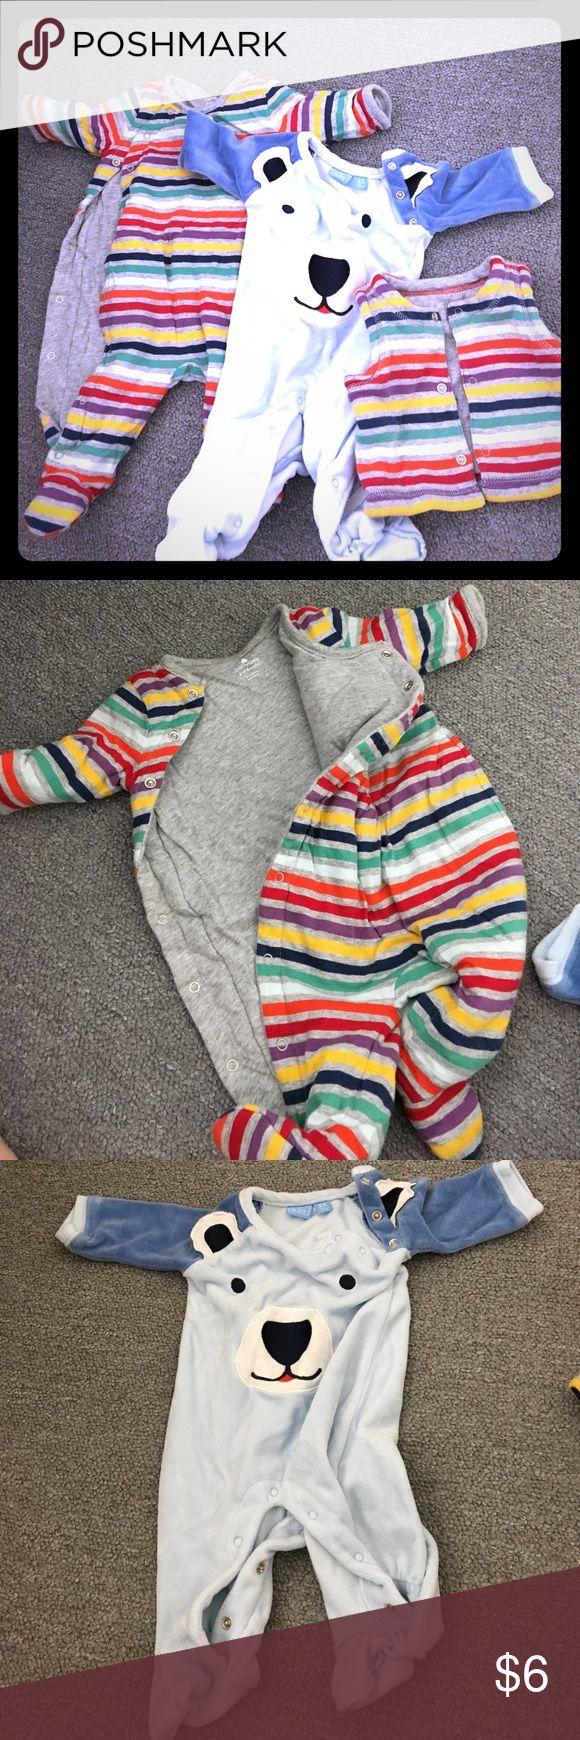 Winter bundle. 2 onesies, 1 reversible vest, 0-3m Winter bundle! Gap 'padded' onesie (like a thin comforter), childrens place velour onesie, Gap 'padded' reversible vest (like a thin comforter), 0-3m Matching Sets